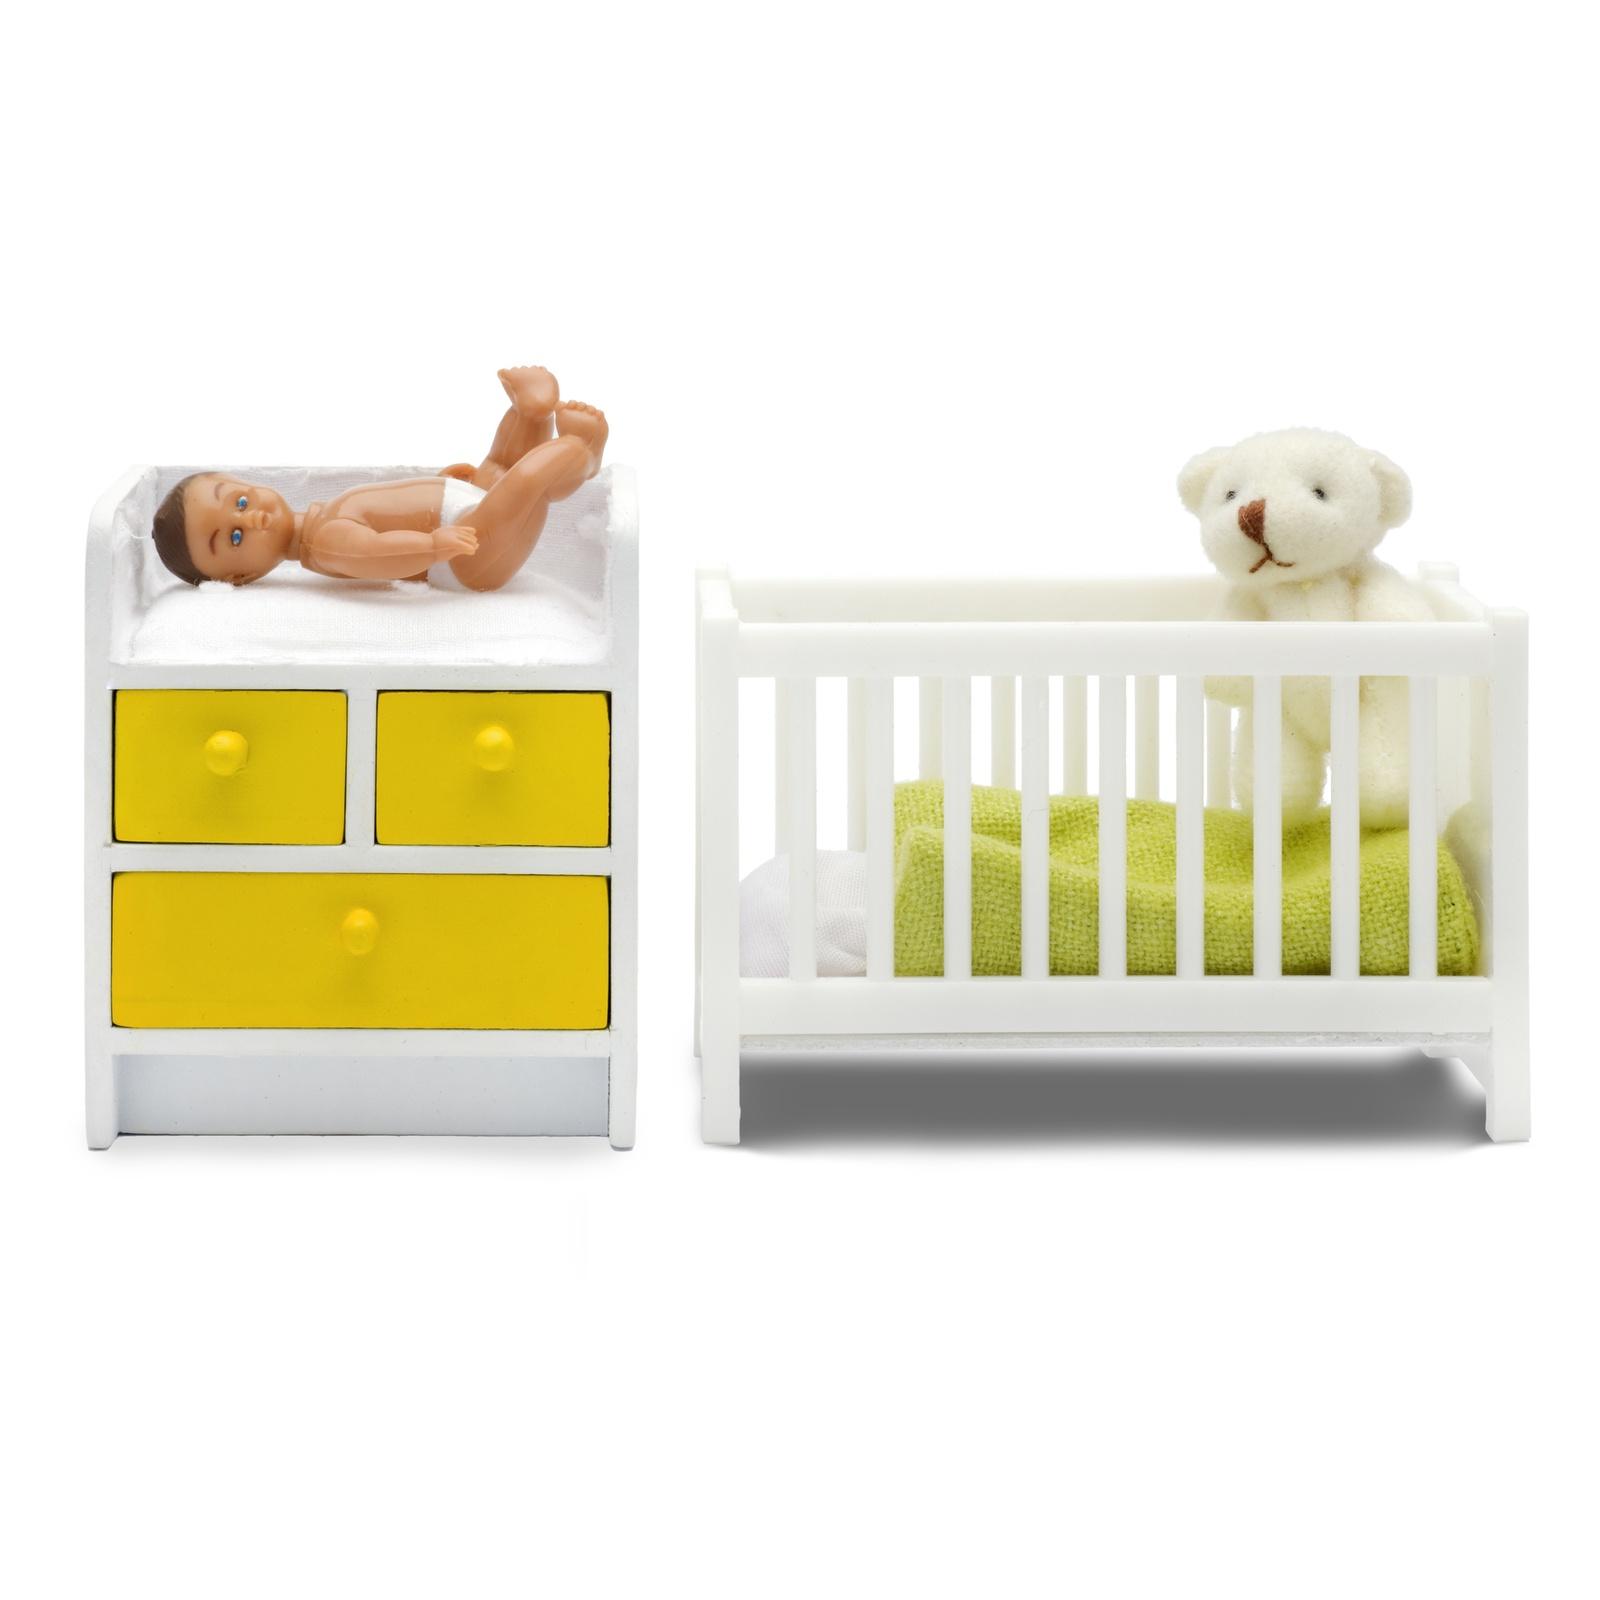 Кукольная мебель PAREMO Кровать с пеленальным комодом кукольная мебель lundby смоланд обеденный уголок lb 60209600